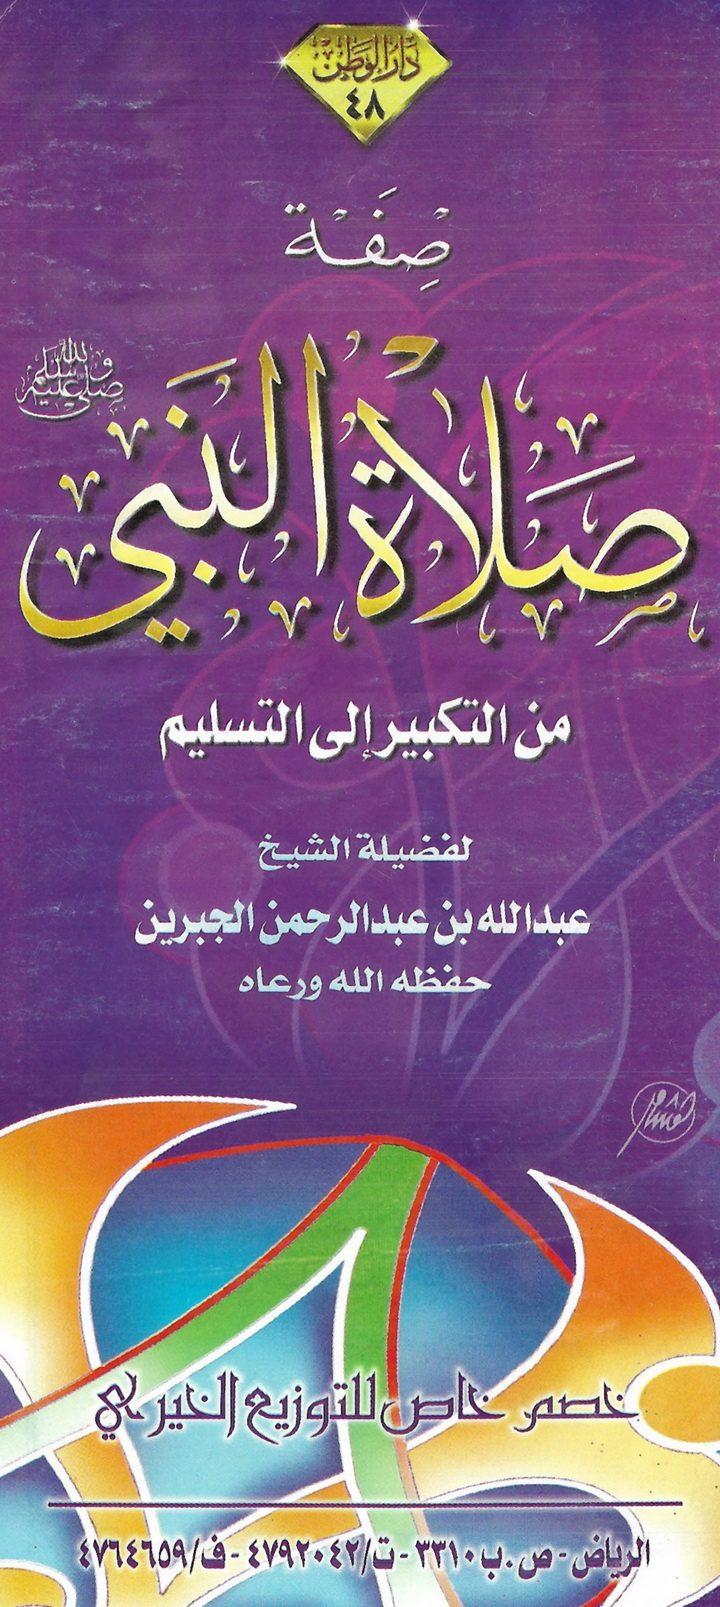 صفة صلاة النبيّ من التكبير إلى التسليم (عبد الله بن عبد الرحمن الجبرين – دار الوطن)